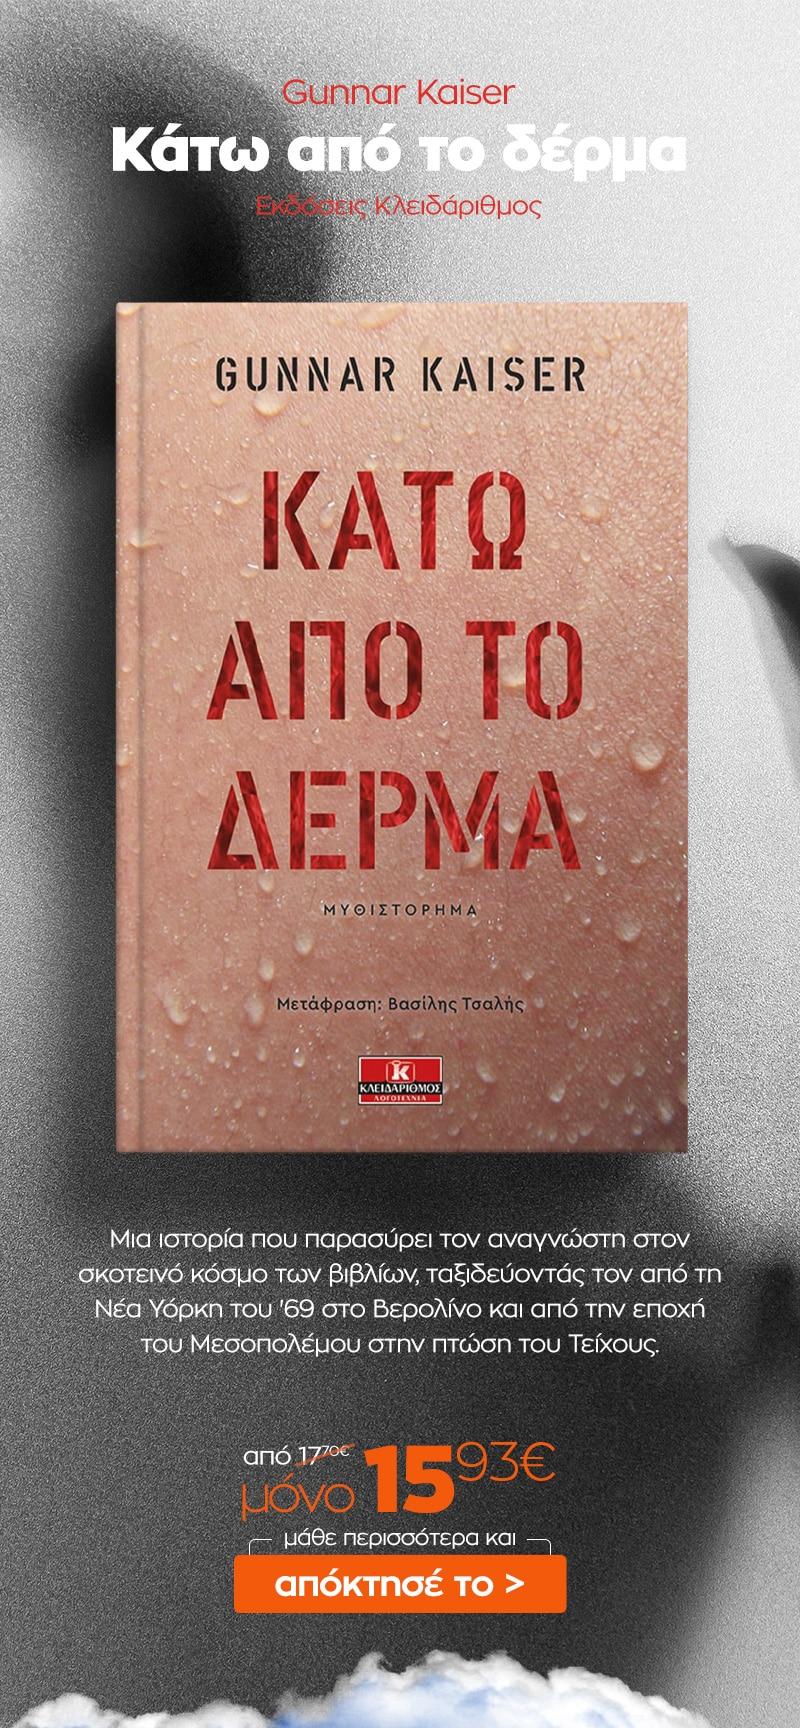 02_kato_apo_to_derma